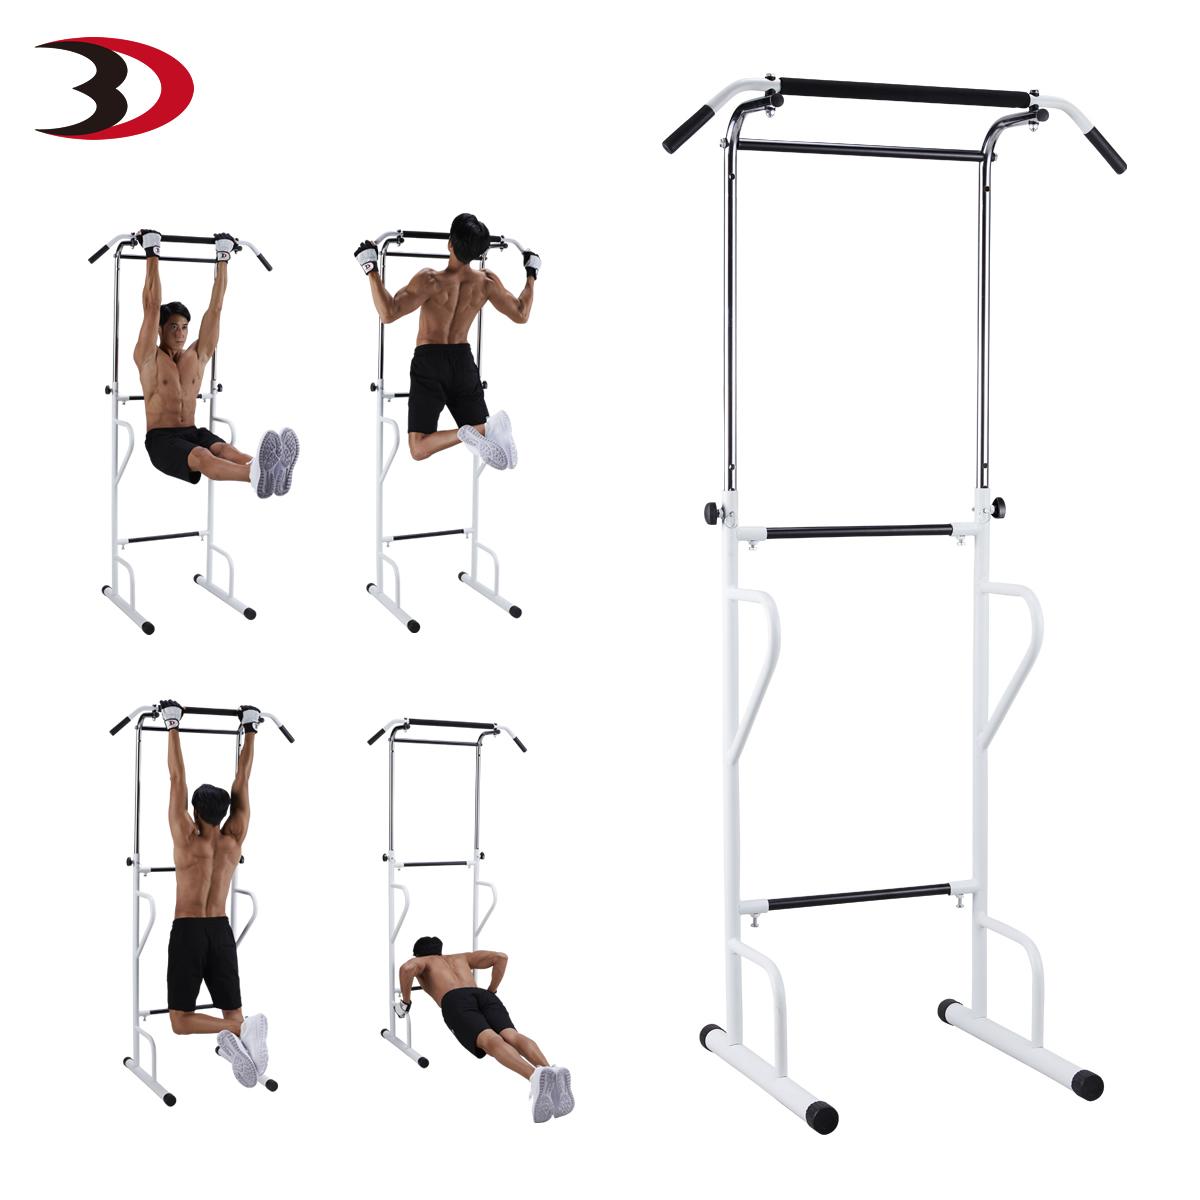 懸垂トレーニングのハイエンドモデル ポイント10倍 2 26マデ マルチトレーナー│ 懸垂 けん垂 ぶら下がり健康器 トレーニングマシン マシン お気に入り NEW売り切れる前に☆ チンニング 腕立て ディップス 腹筋